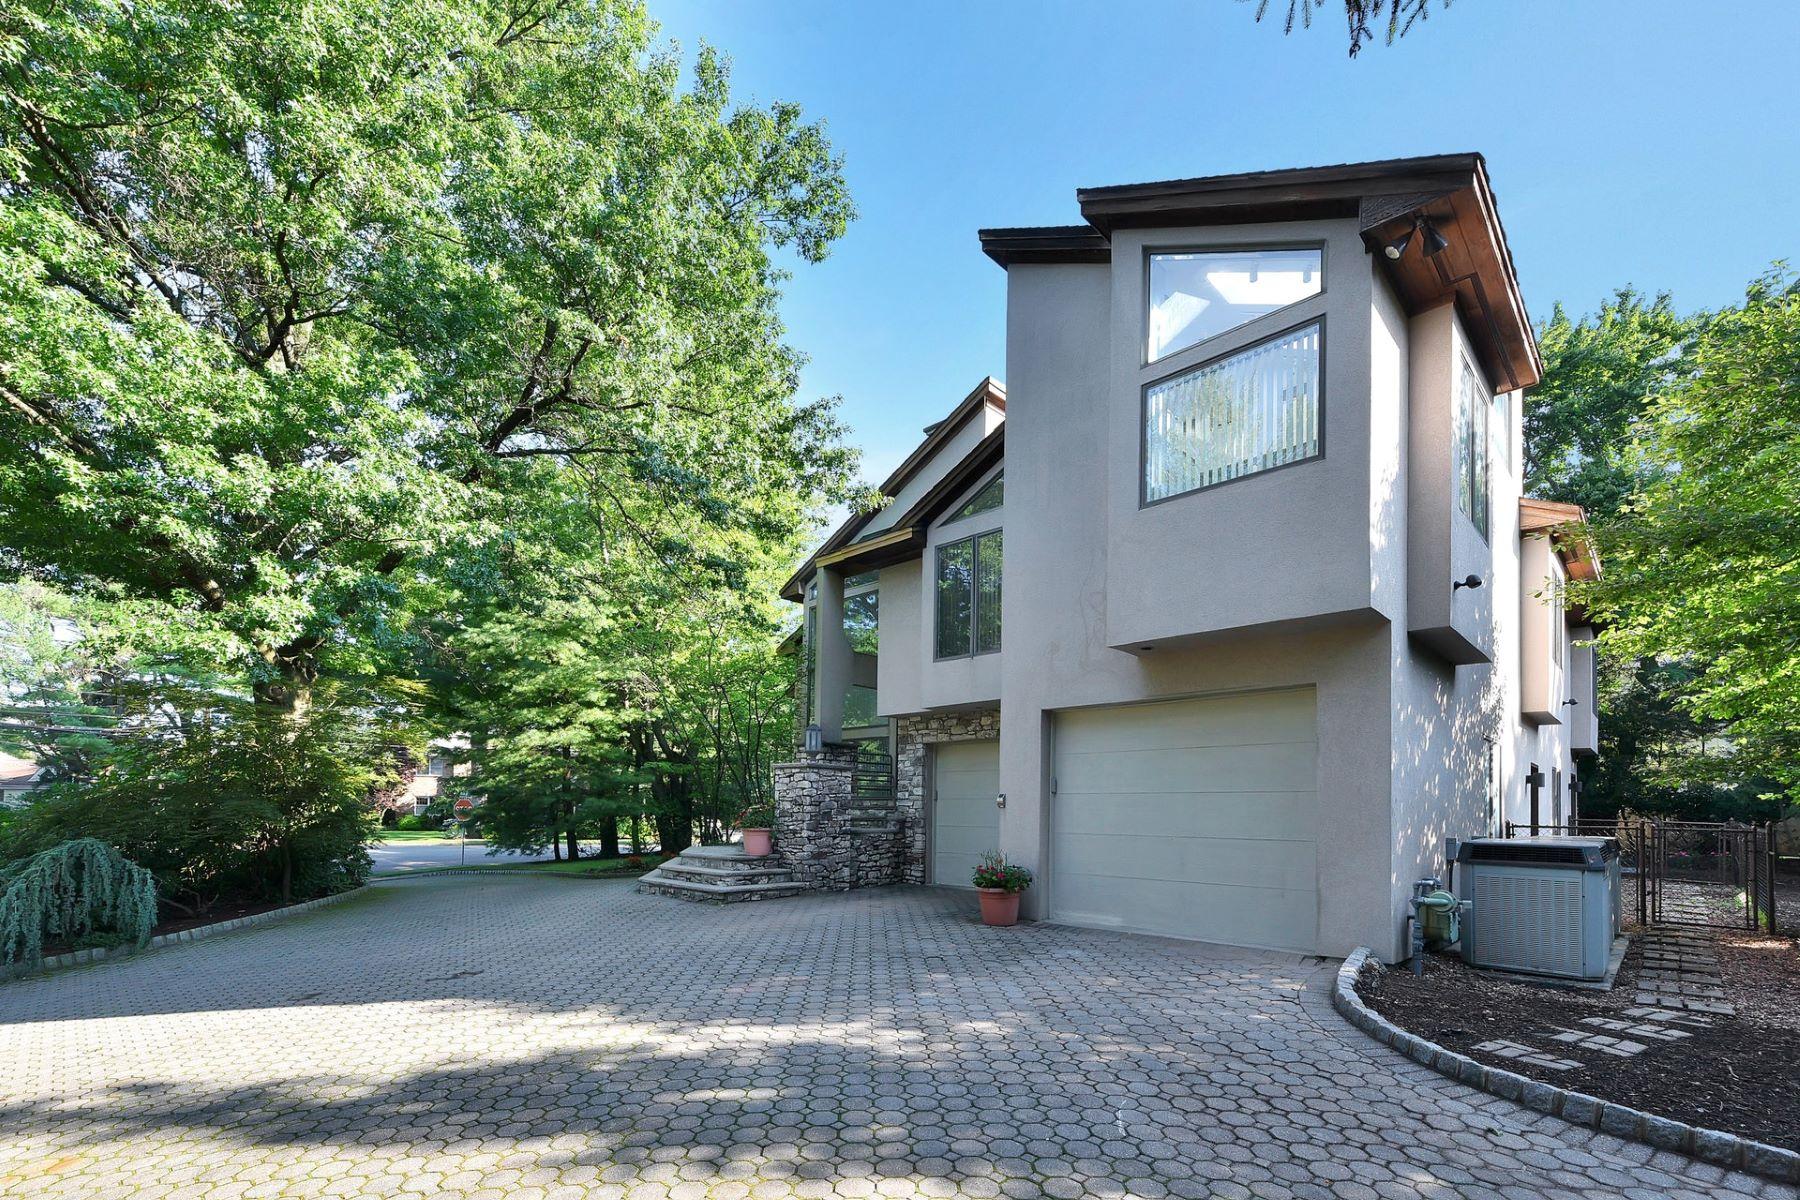 独户住宅 为 出租 在 Spacious Contemporary Rental 2 Wainwright Ave 克洛斯特, 新泽西州, 07624 美国